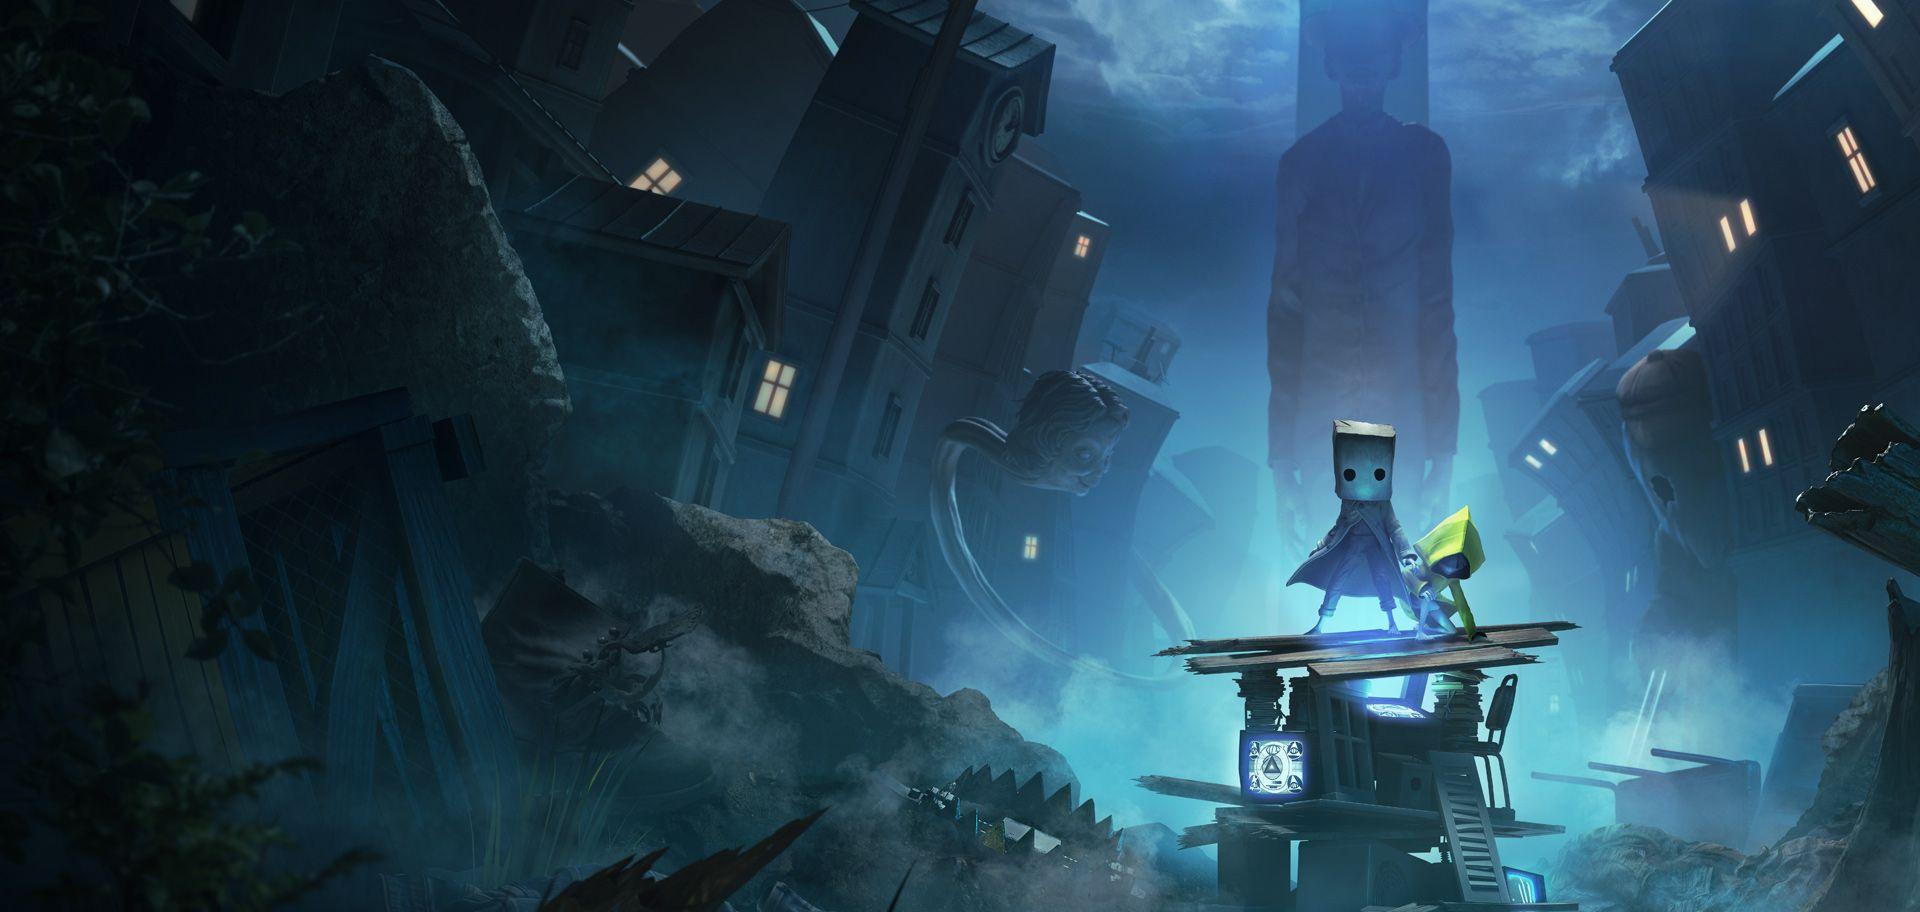 Melhores jogos indie de fevereiro: little nightmares ii e mais. Nos melhores jogos indie de fevereiro você vai viver aventuras no mundo sombrio dos adultos, correr em corridas alucinantes e visitar um universo cyberpunk